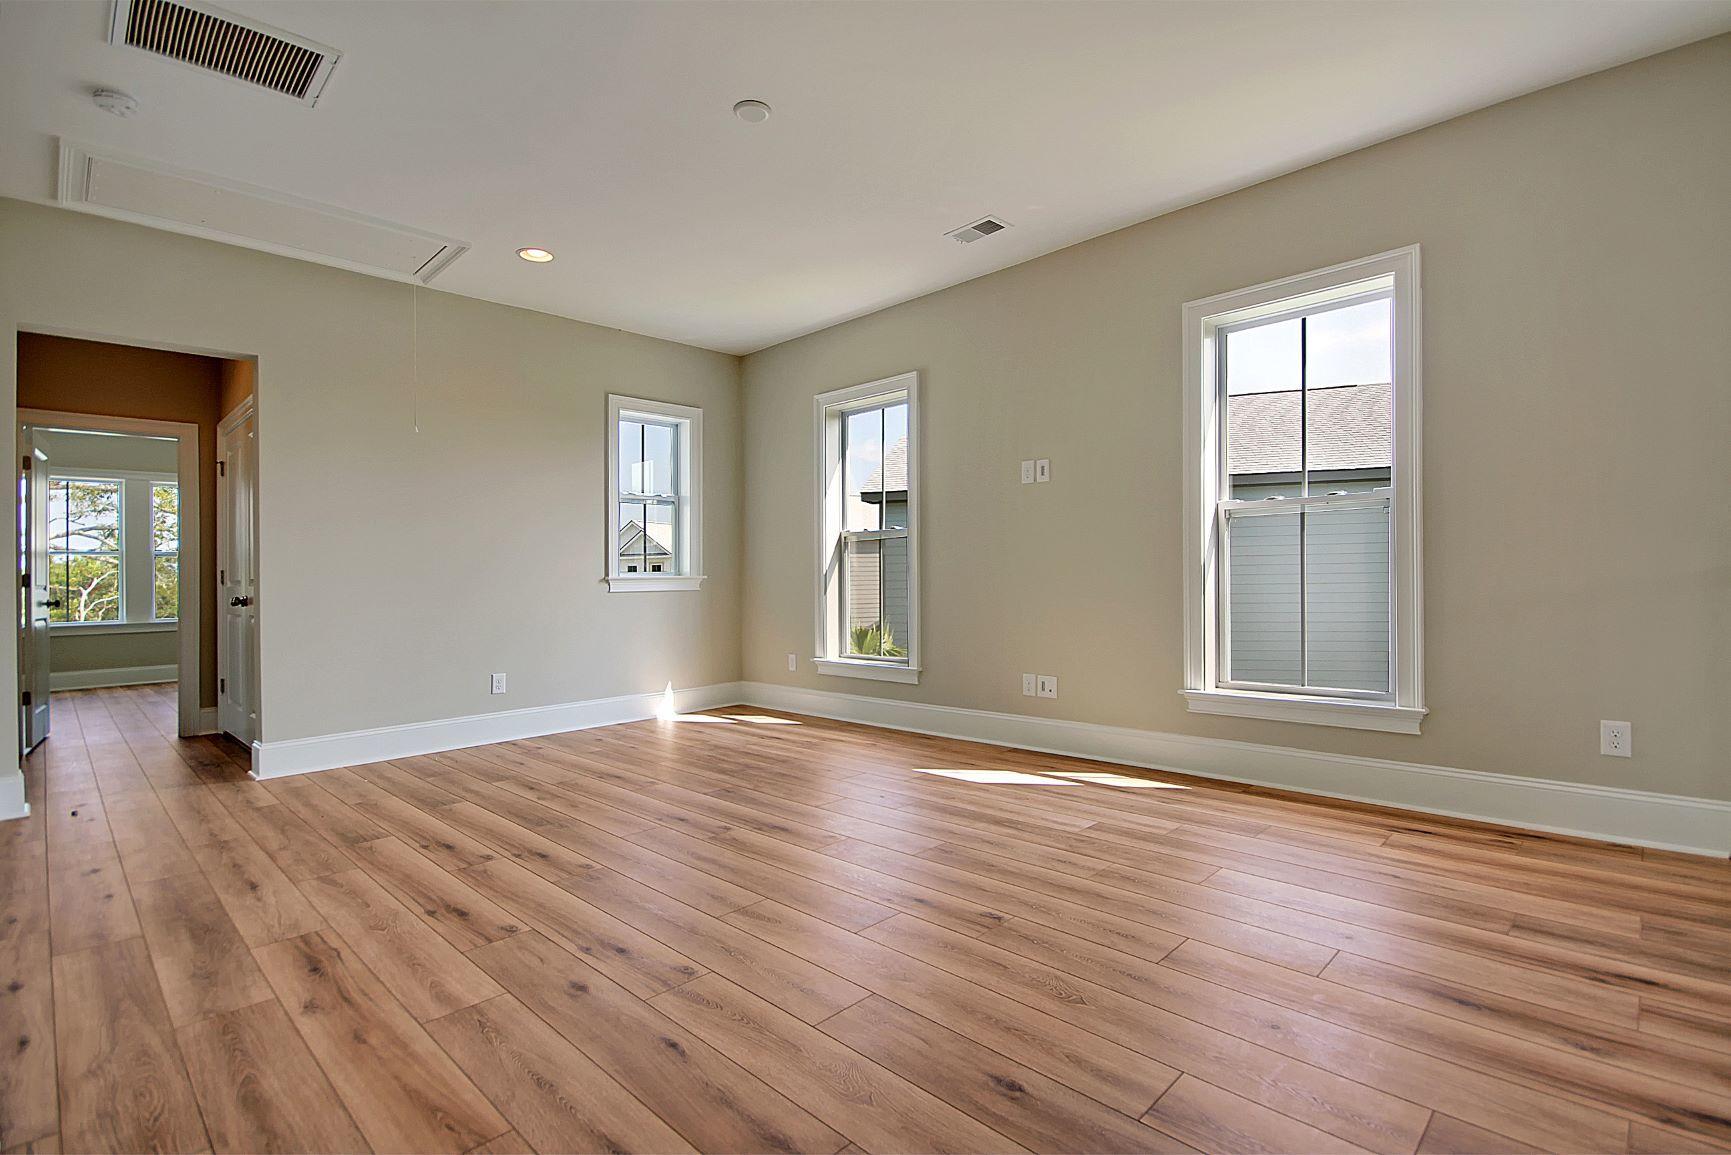 Kings Flats Homes For Sale - 121 Alder, Charleston, SC - 26